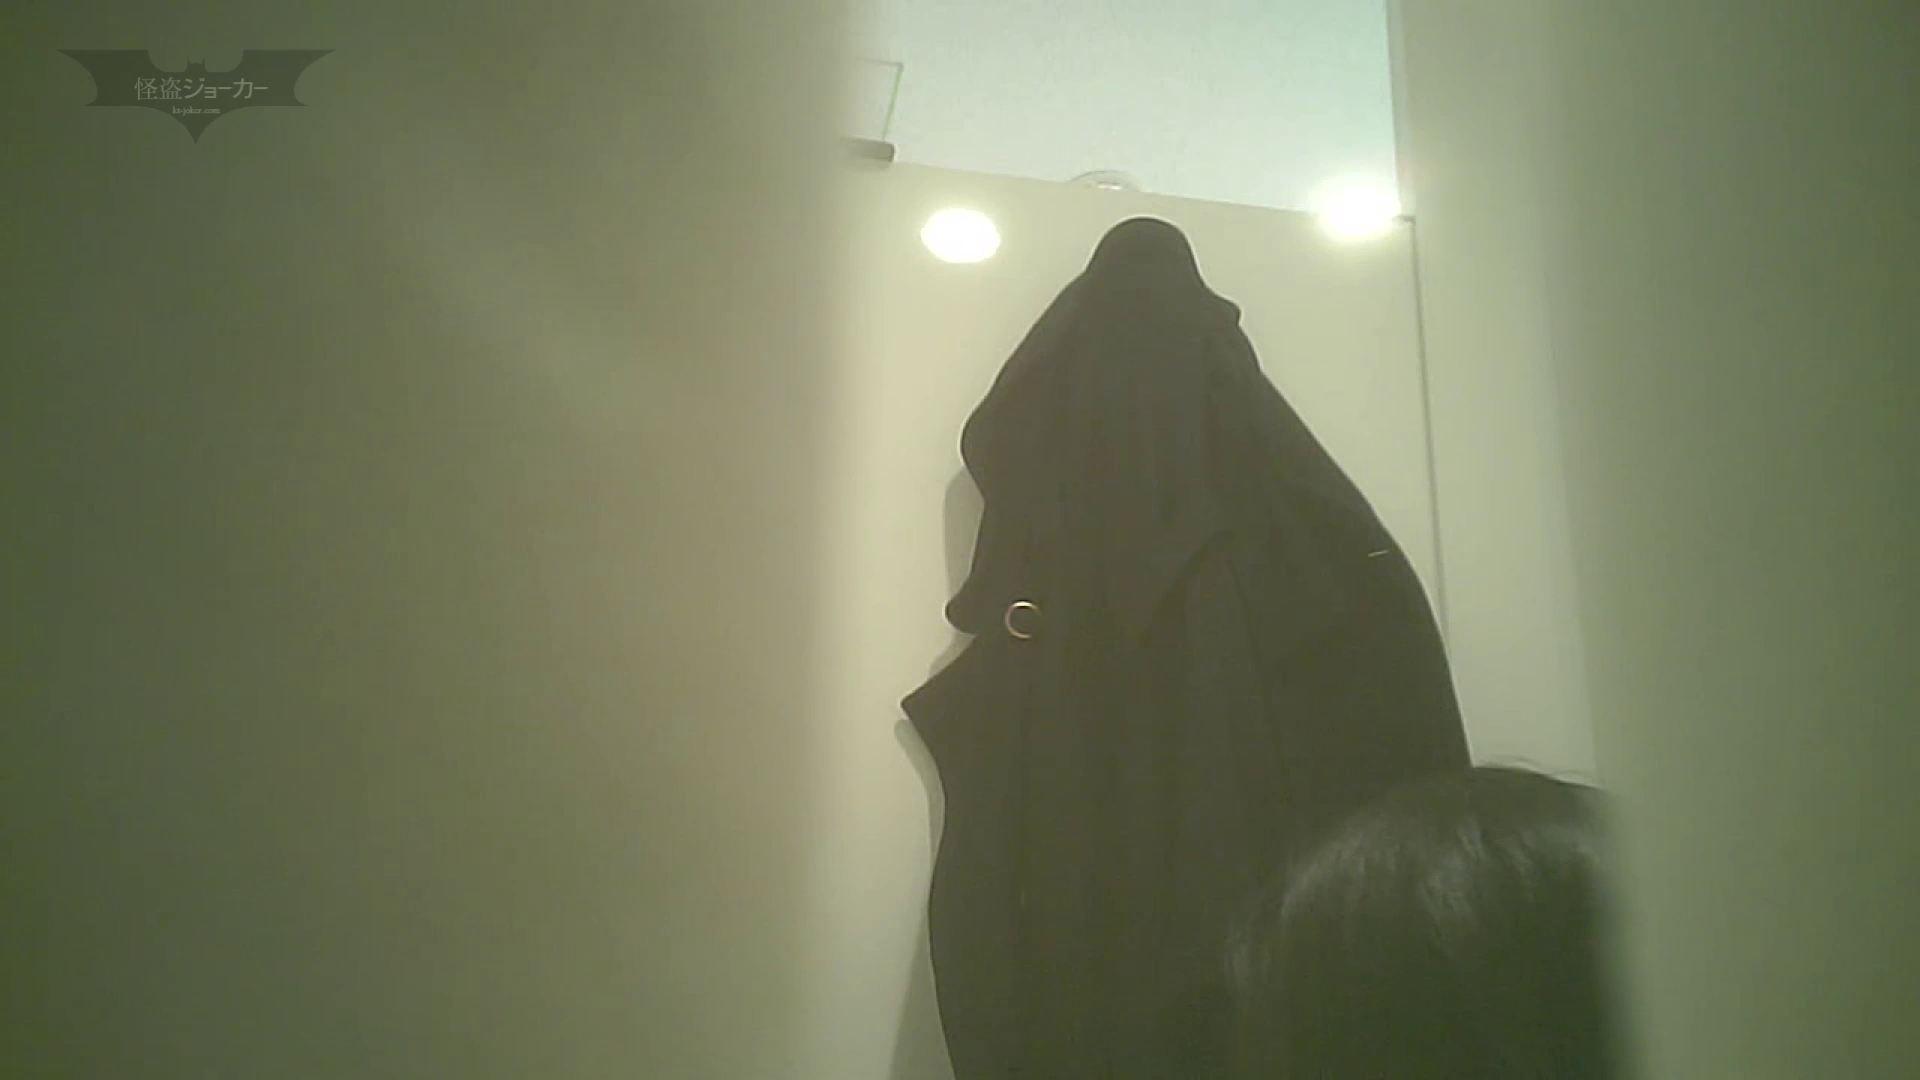 有名大学女性洗面所 vol.54 設置撮影最高峰!! 3視点でじっくり観察 丸見えマンコ   潜入  90画像 25